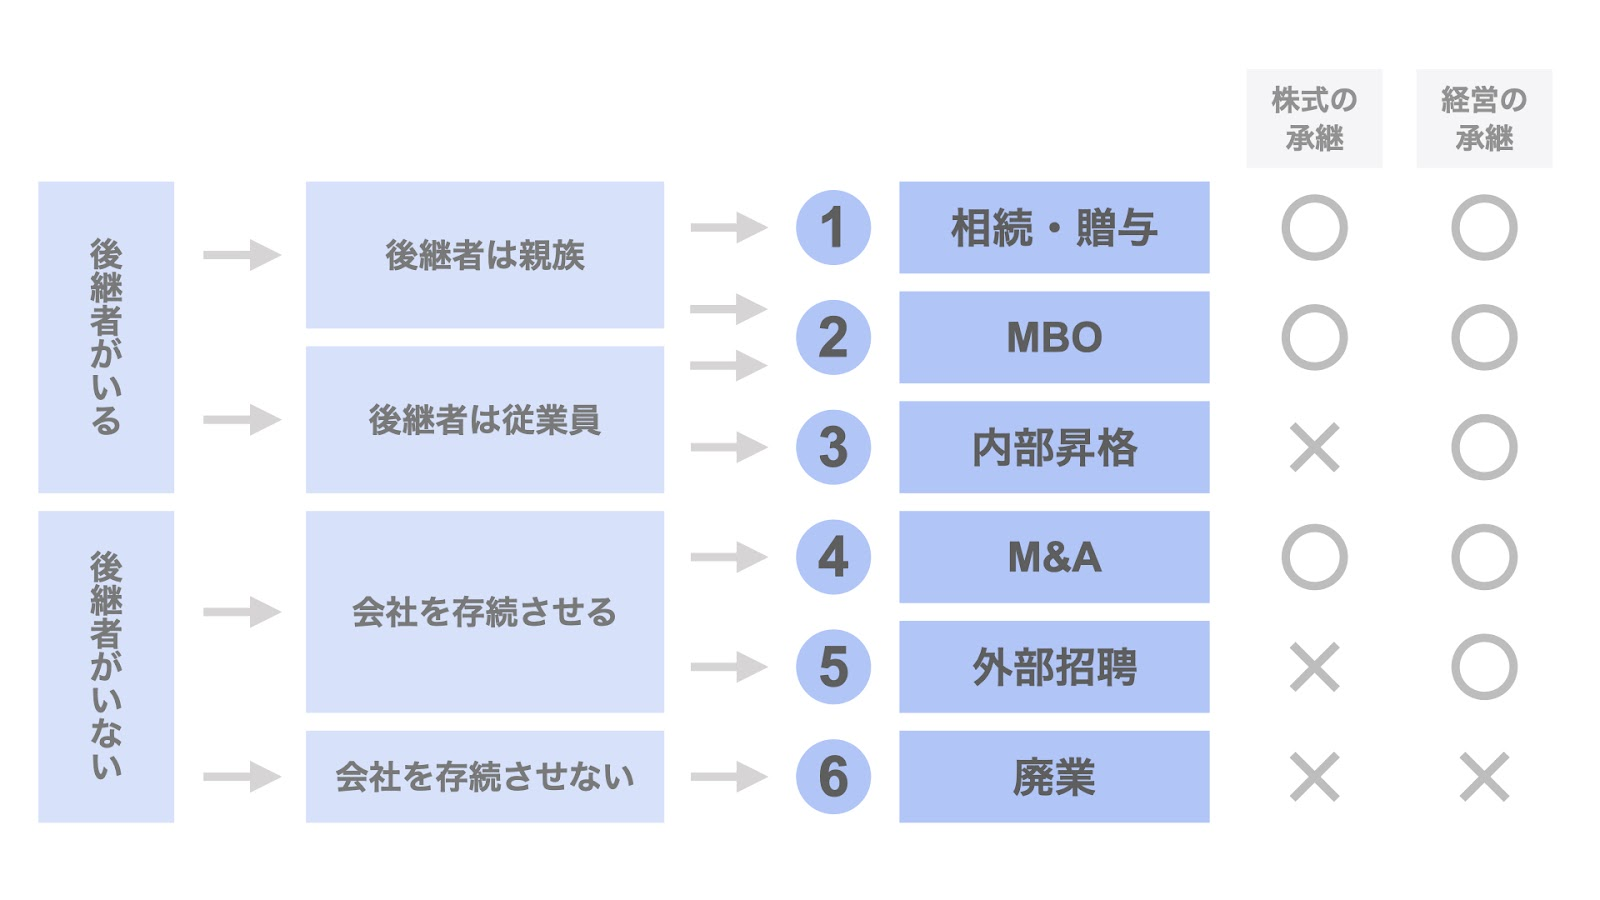 事業承継における6つの選択肢